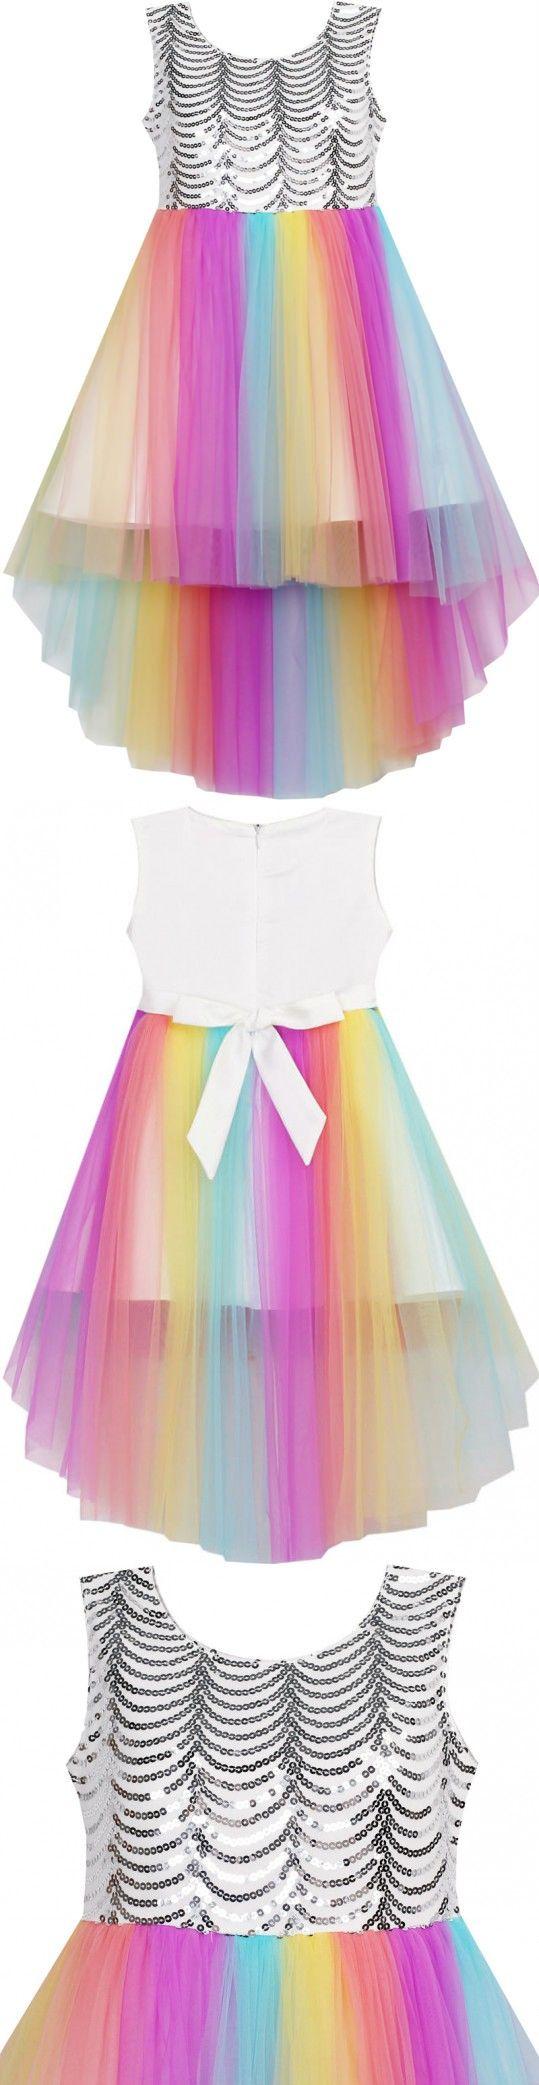 Mejores 24 imágenes de ropa infantil en Pinterest | Infantiles ...